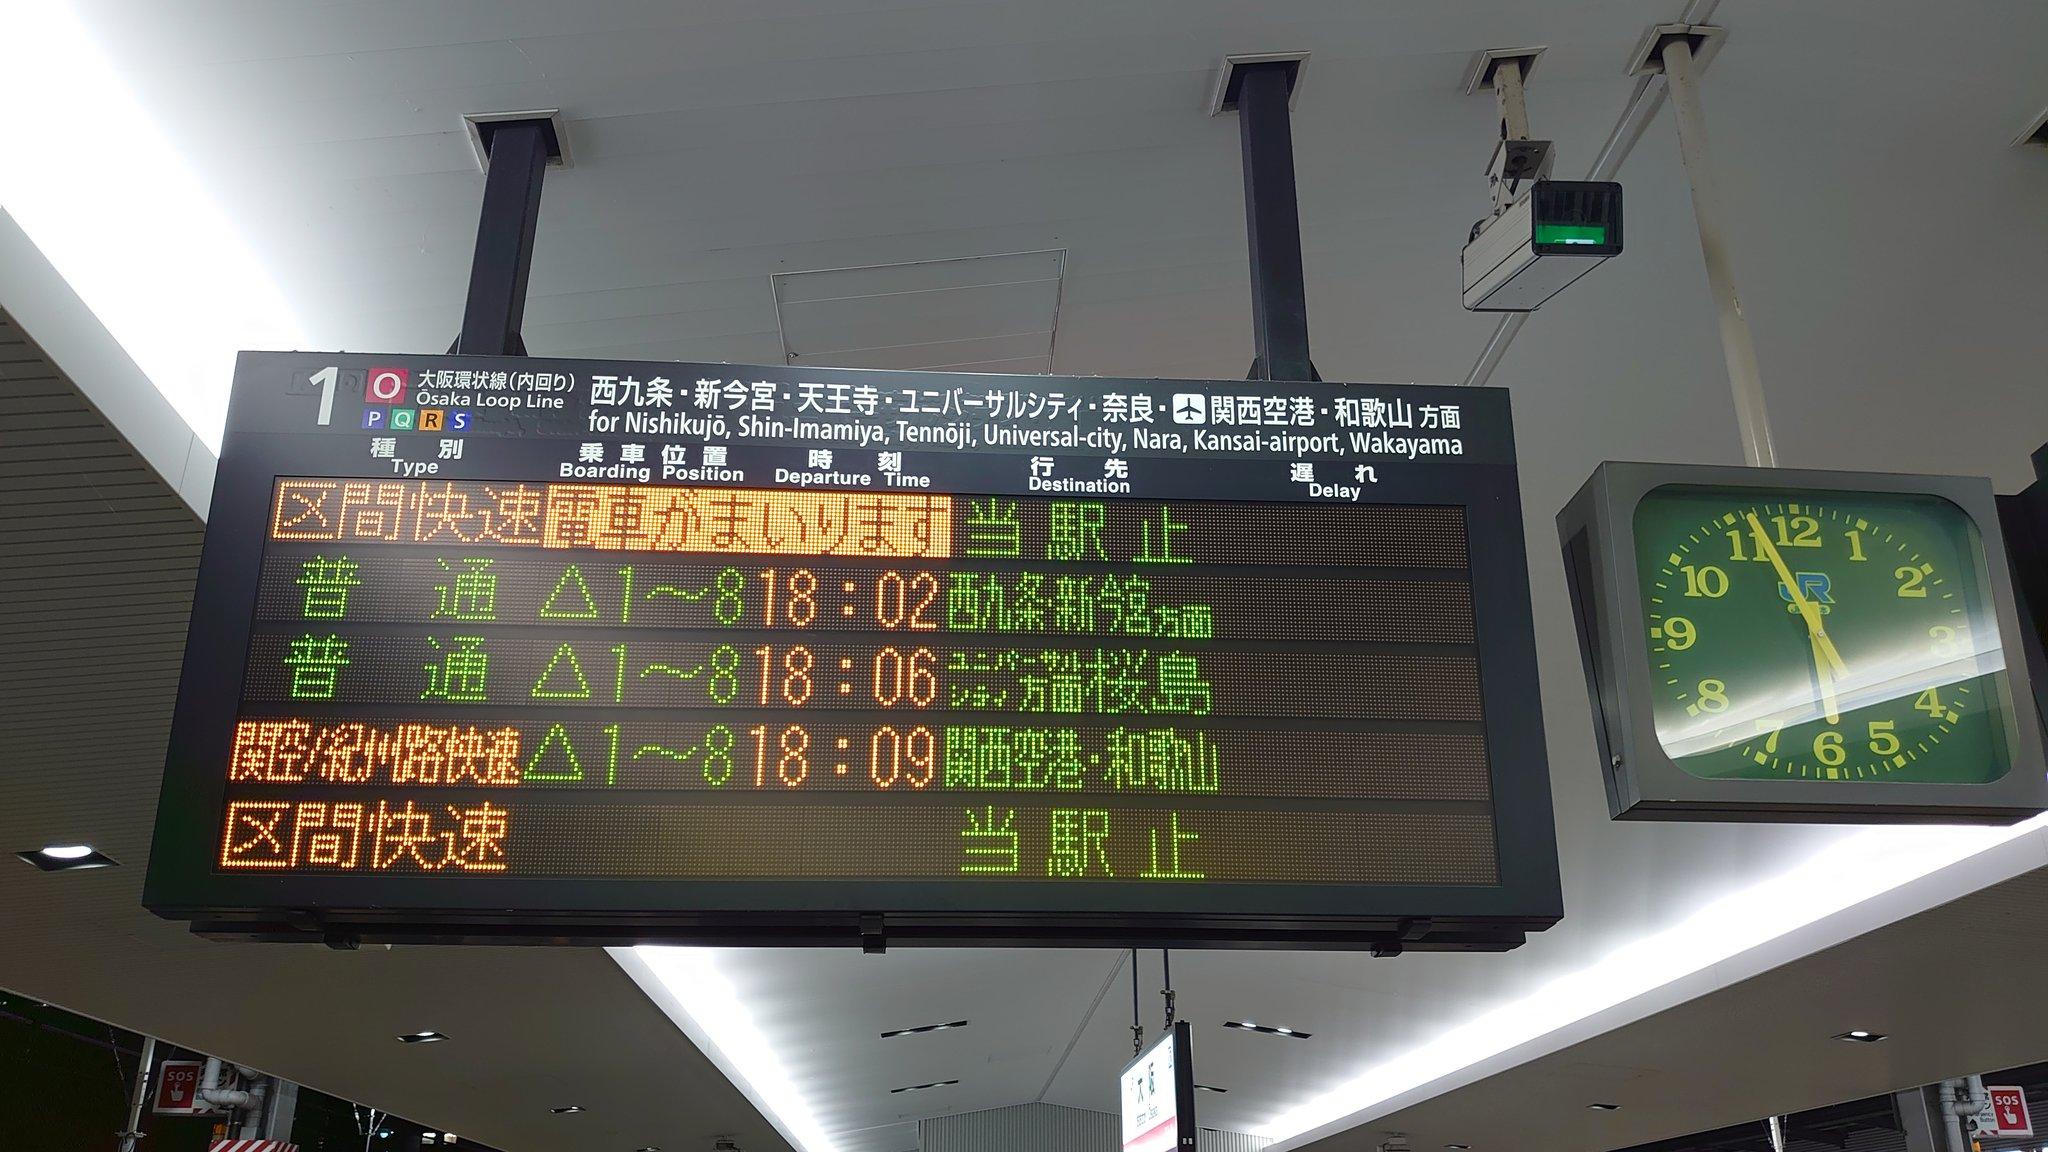 大和路線の八尾駅~志紀駅間で人身事故が起きた電光掲示板の画像